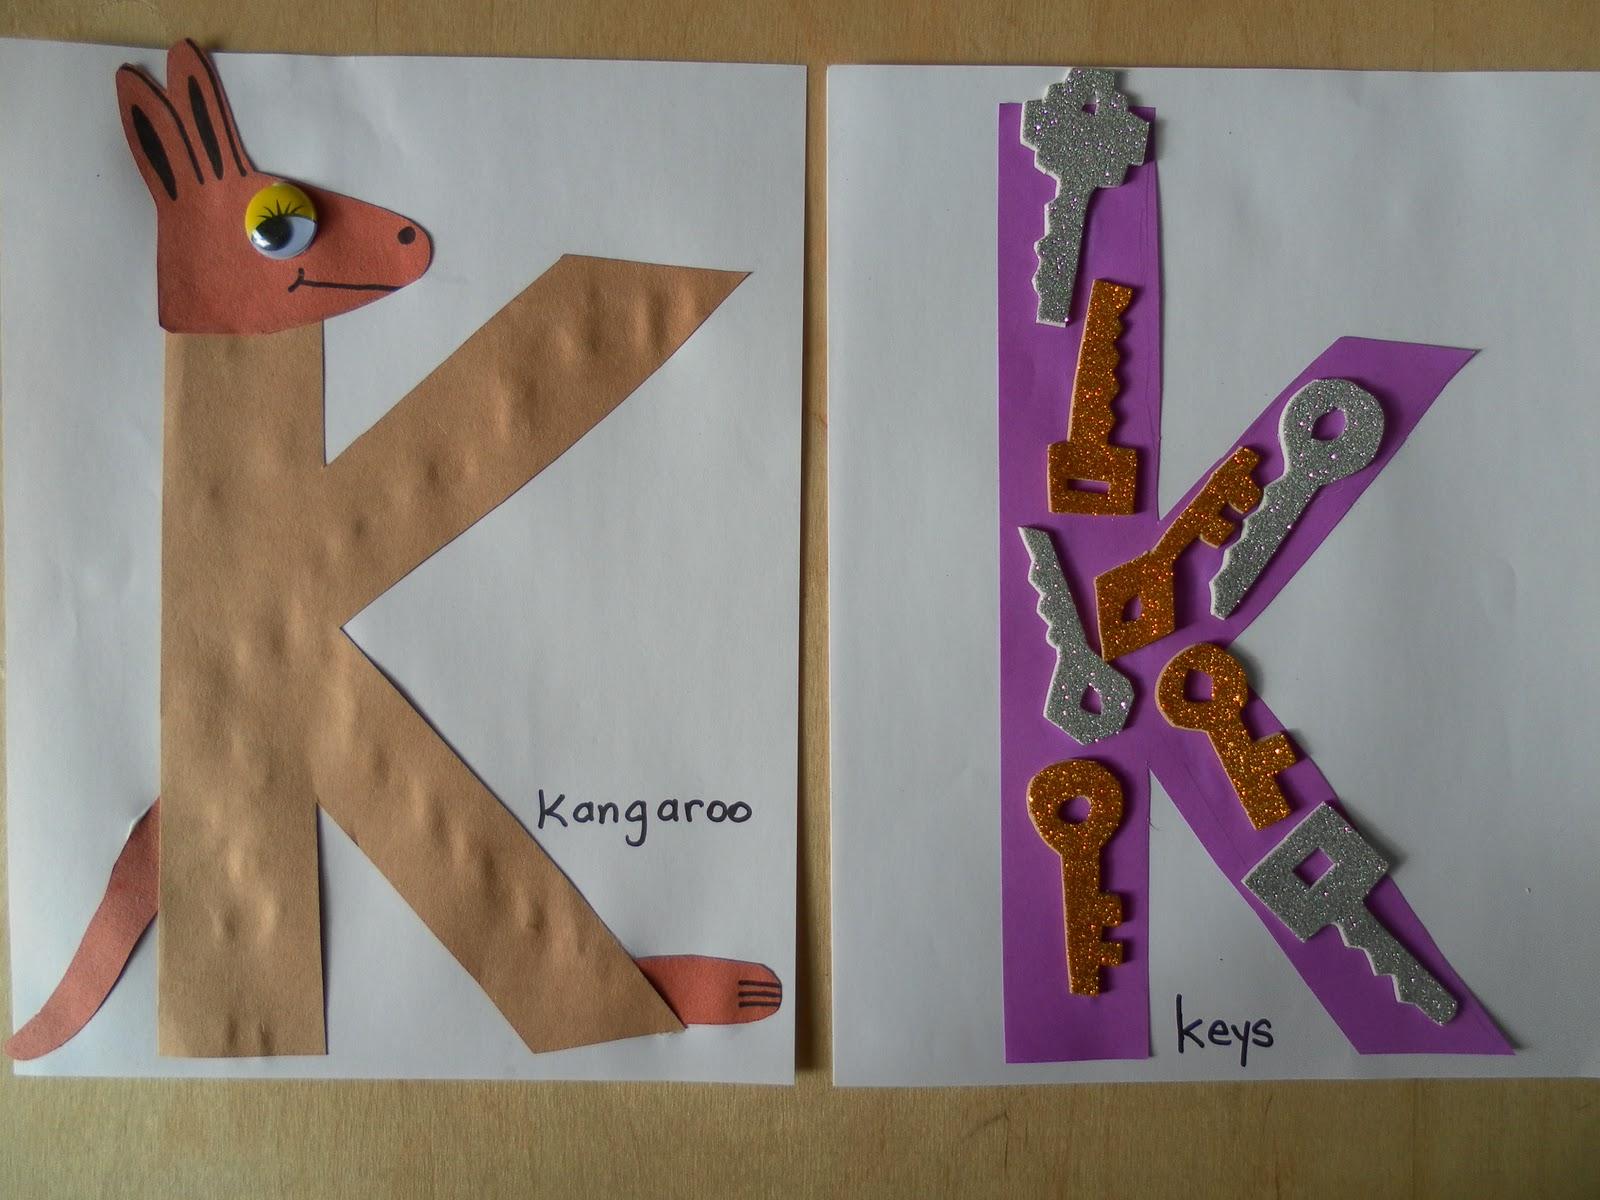 Juf florine florinehorizon for Letter k crafts for toddlers